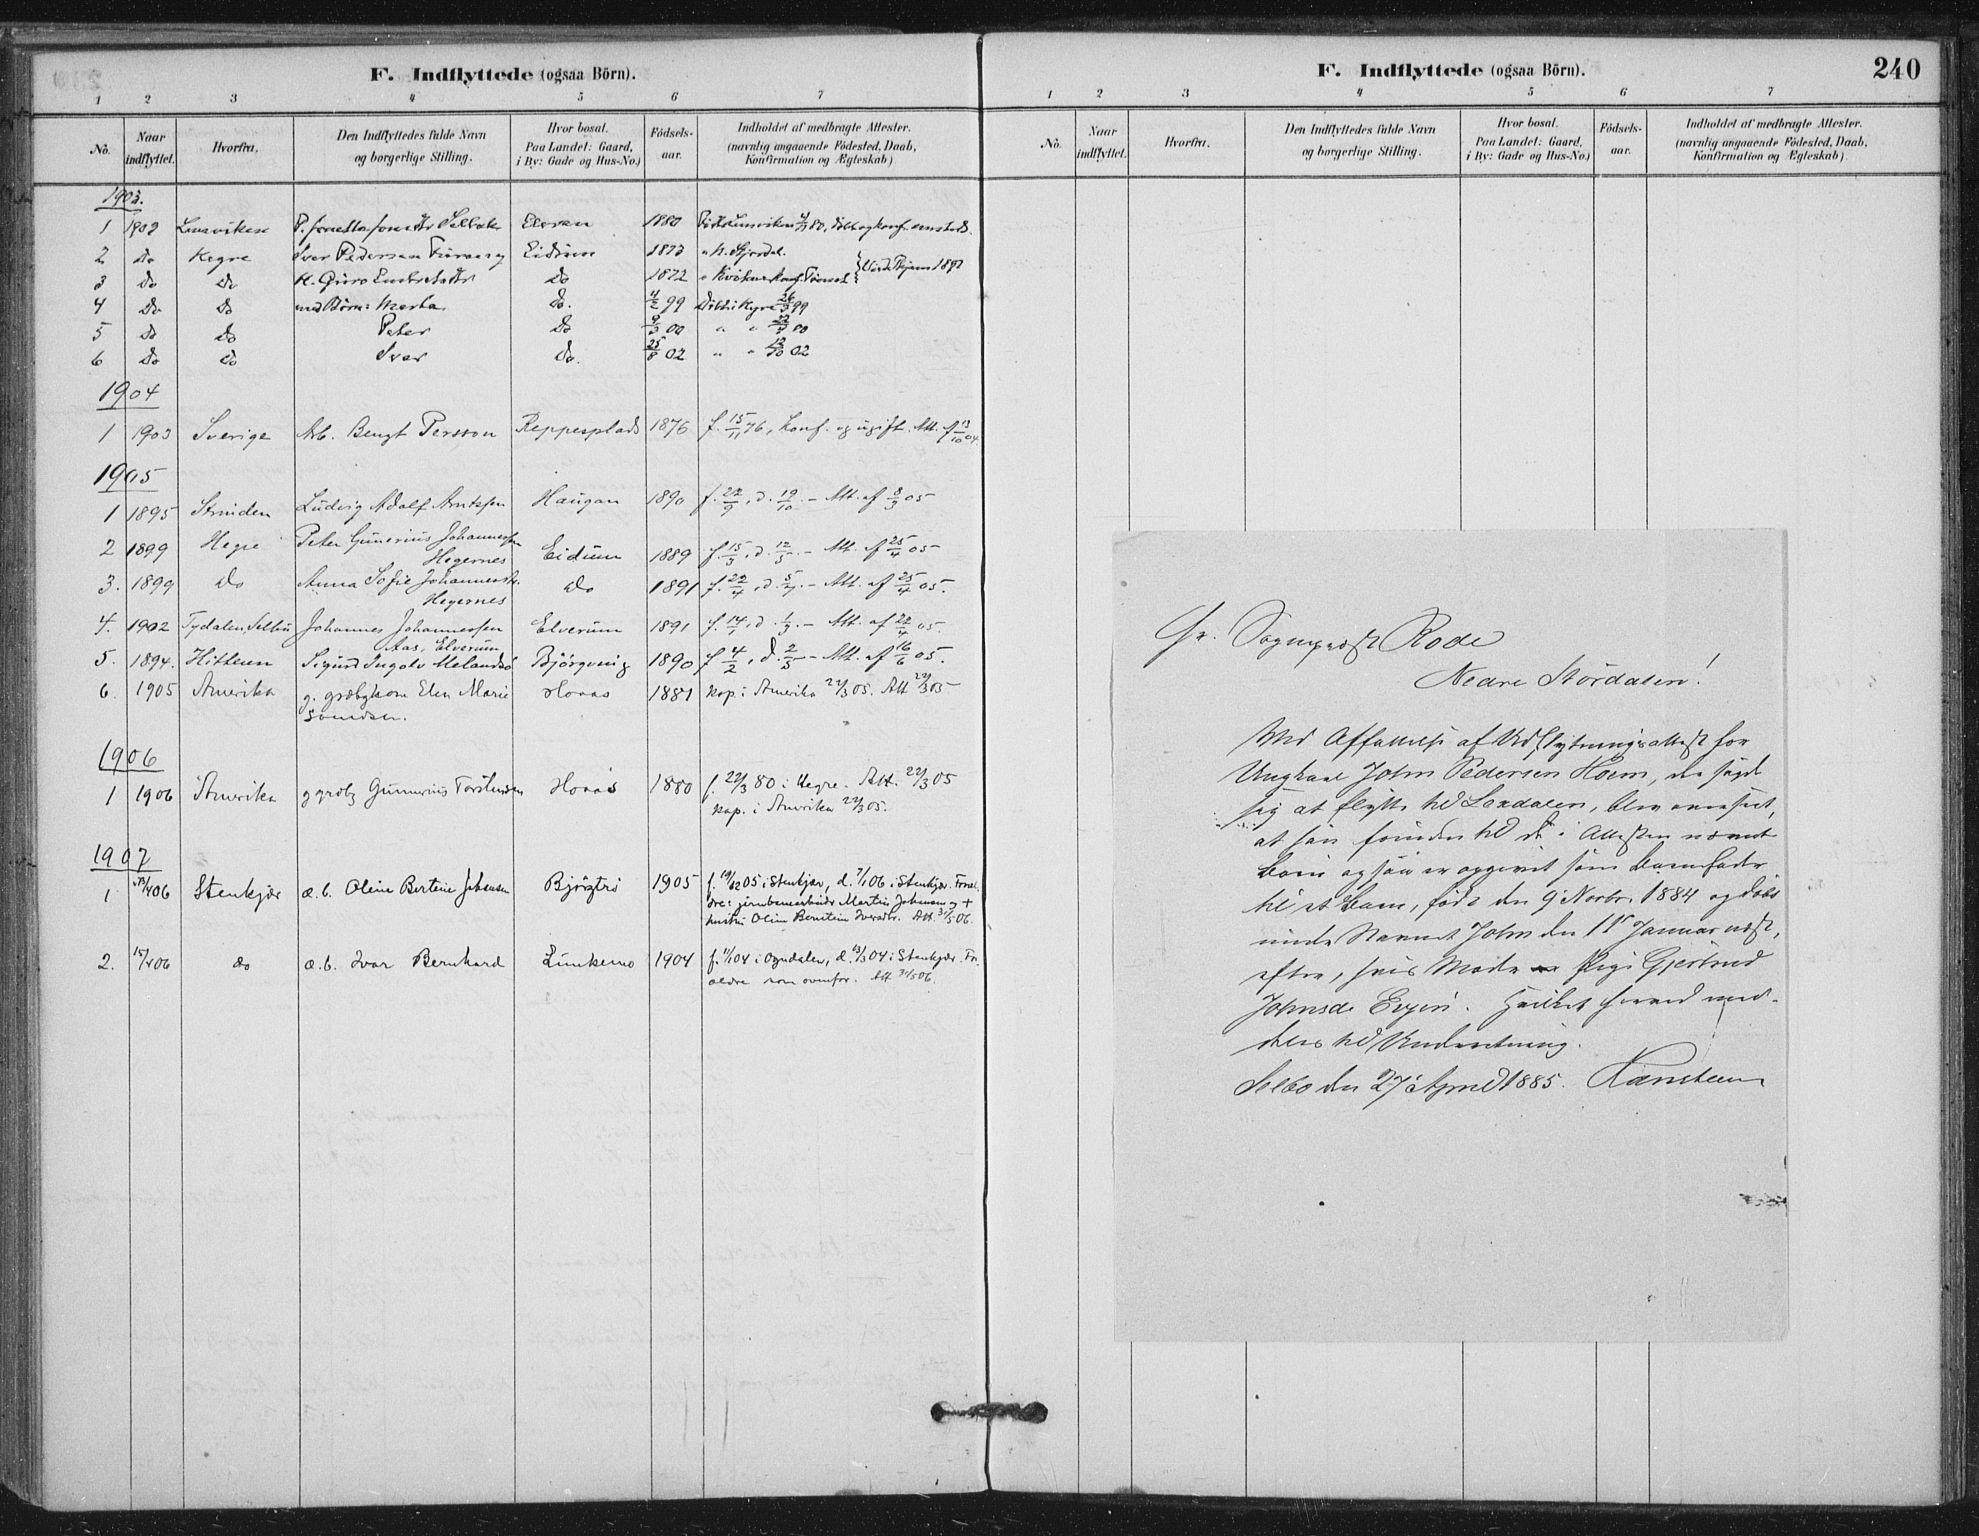 SAT, Ministerialprotokoller, klokkerbøker og fødselsregistre - Nord-Trøndelag, 710/L0095: Ministerialbok nr. 710A01, 1880-1914, s. 240